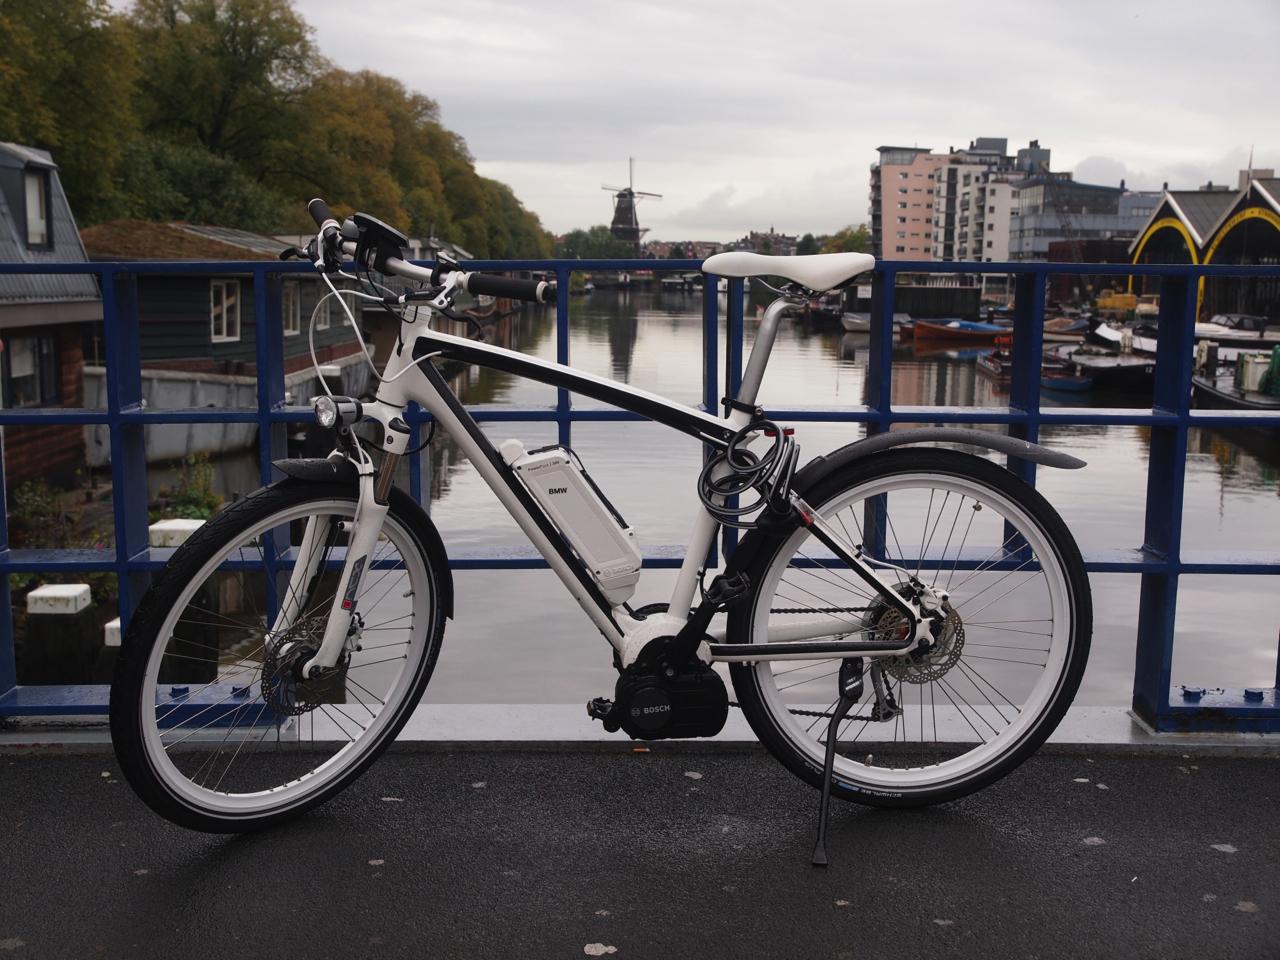 Bmw Cruise Bike 2014 Bmw Cruise E-bike 2014 Photo